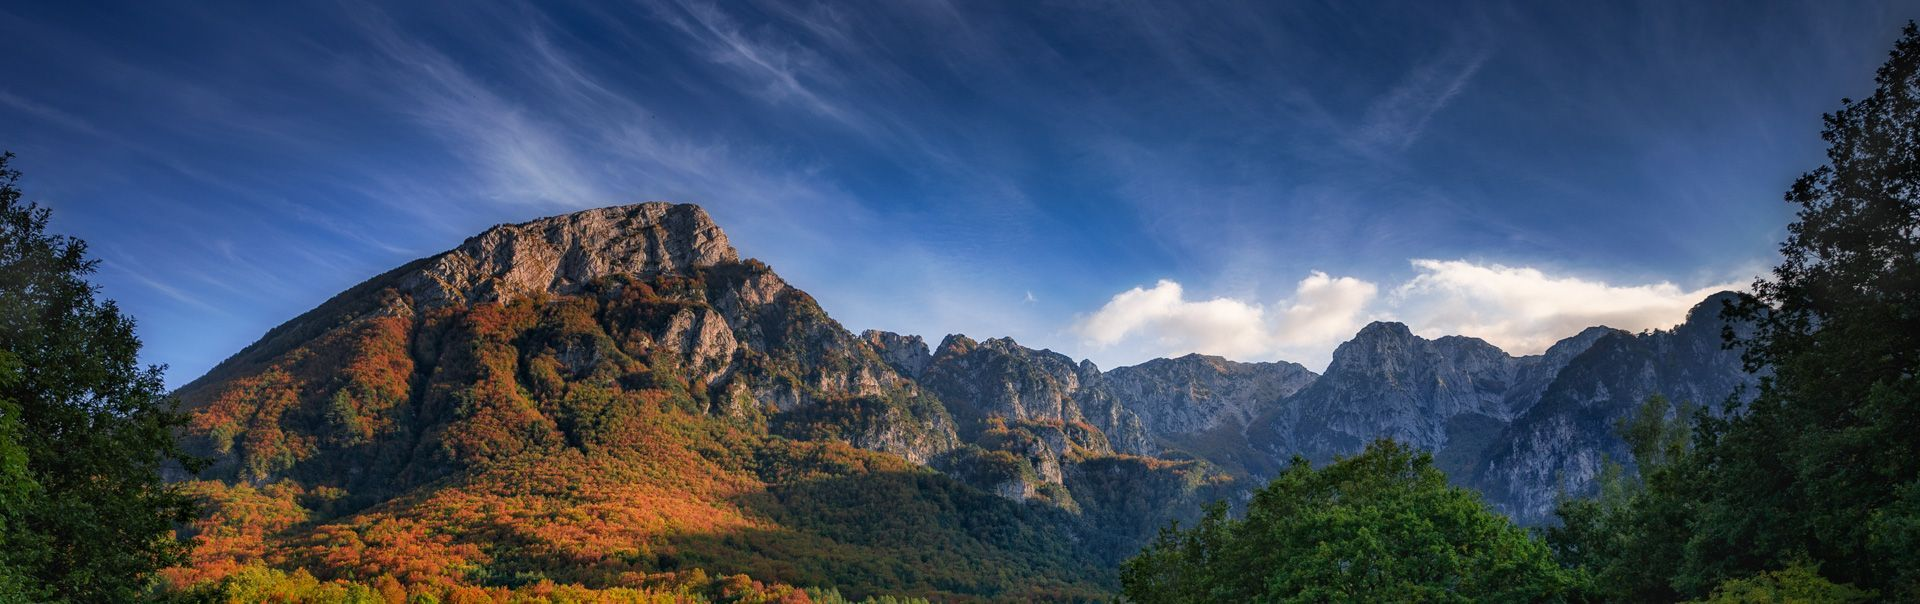 Val Fondillo, Coppo del Principe, Moricento, Val Cervara, Coppo del Morto beech forests